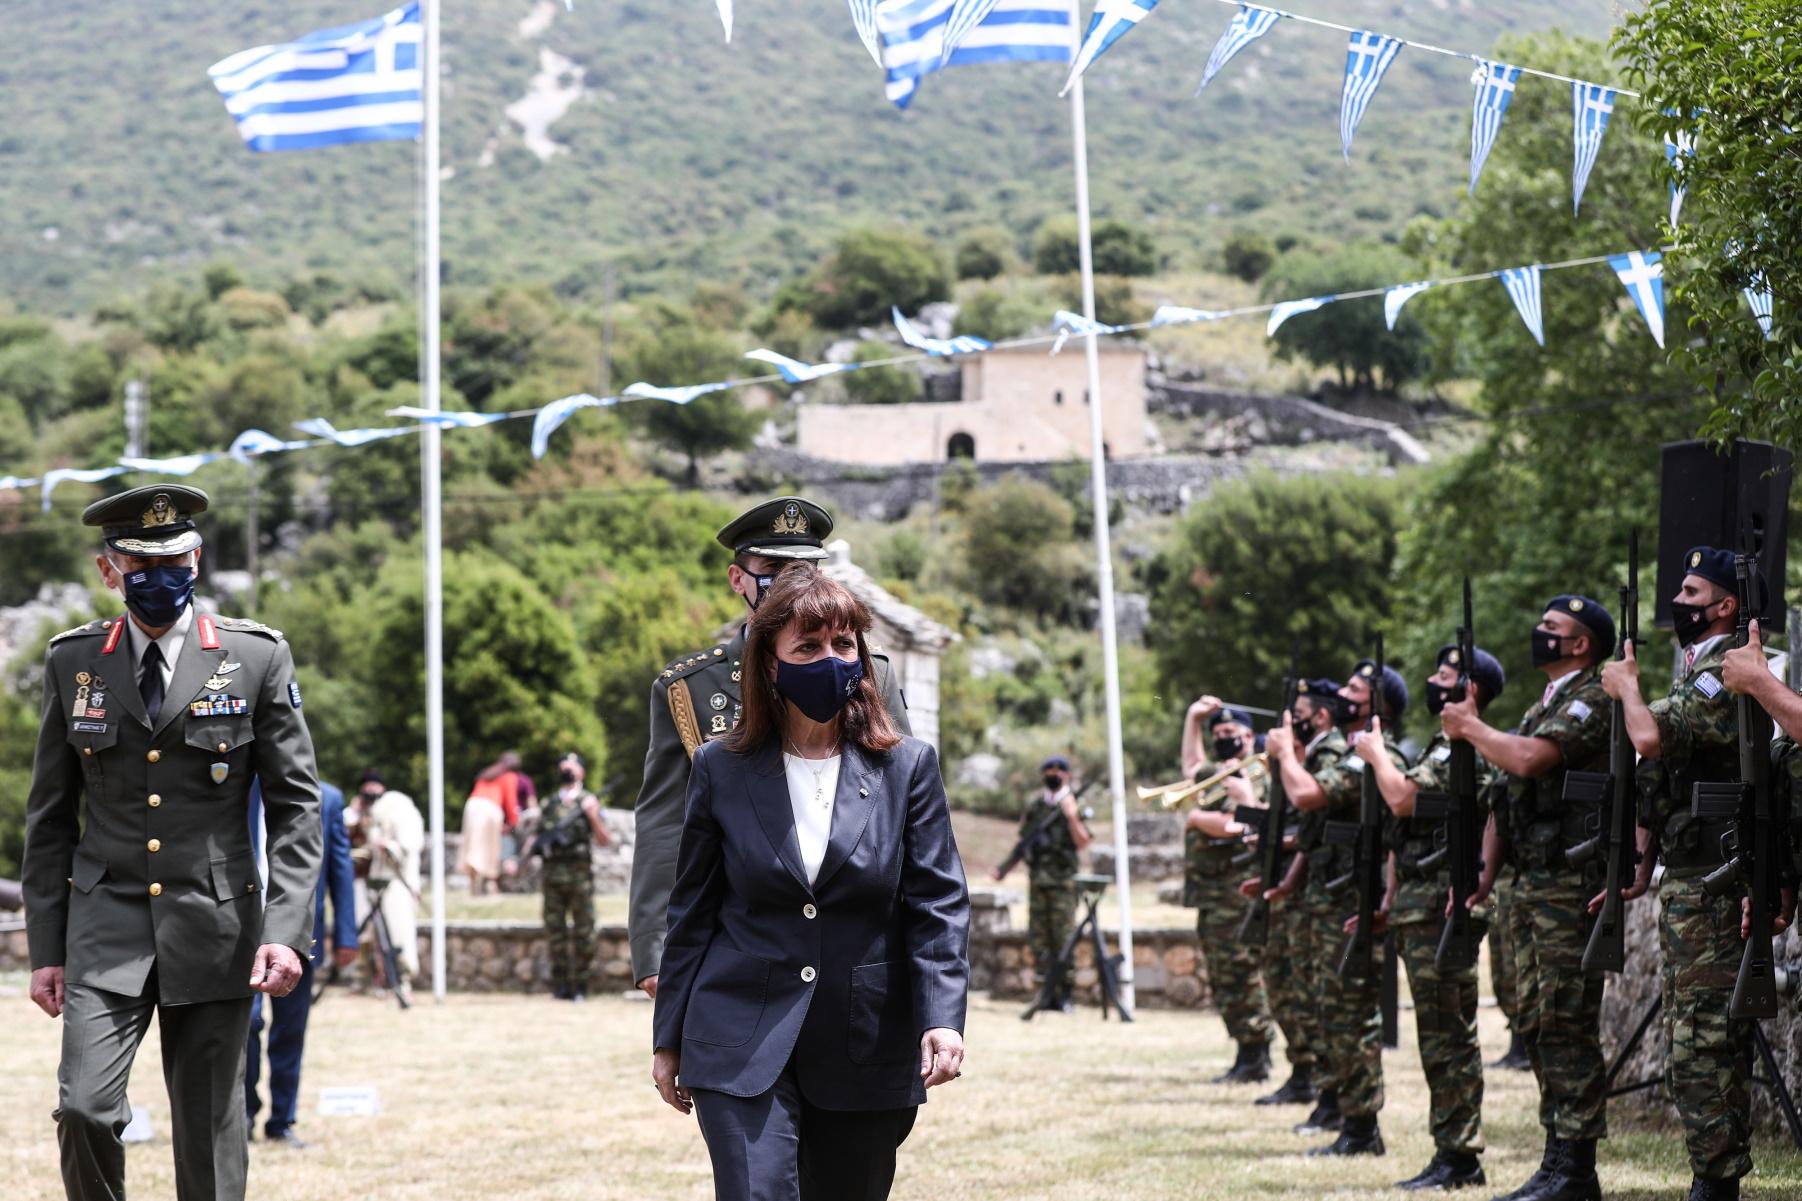 Κατερίνα Σακελλαροπούλου στο Σούλι: Διαχρονικό σύμβολο της Ελευθερίας (pics)